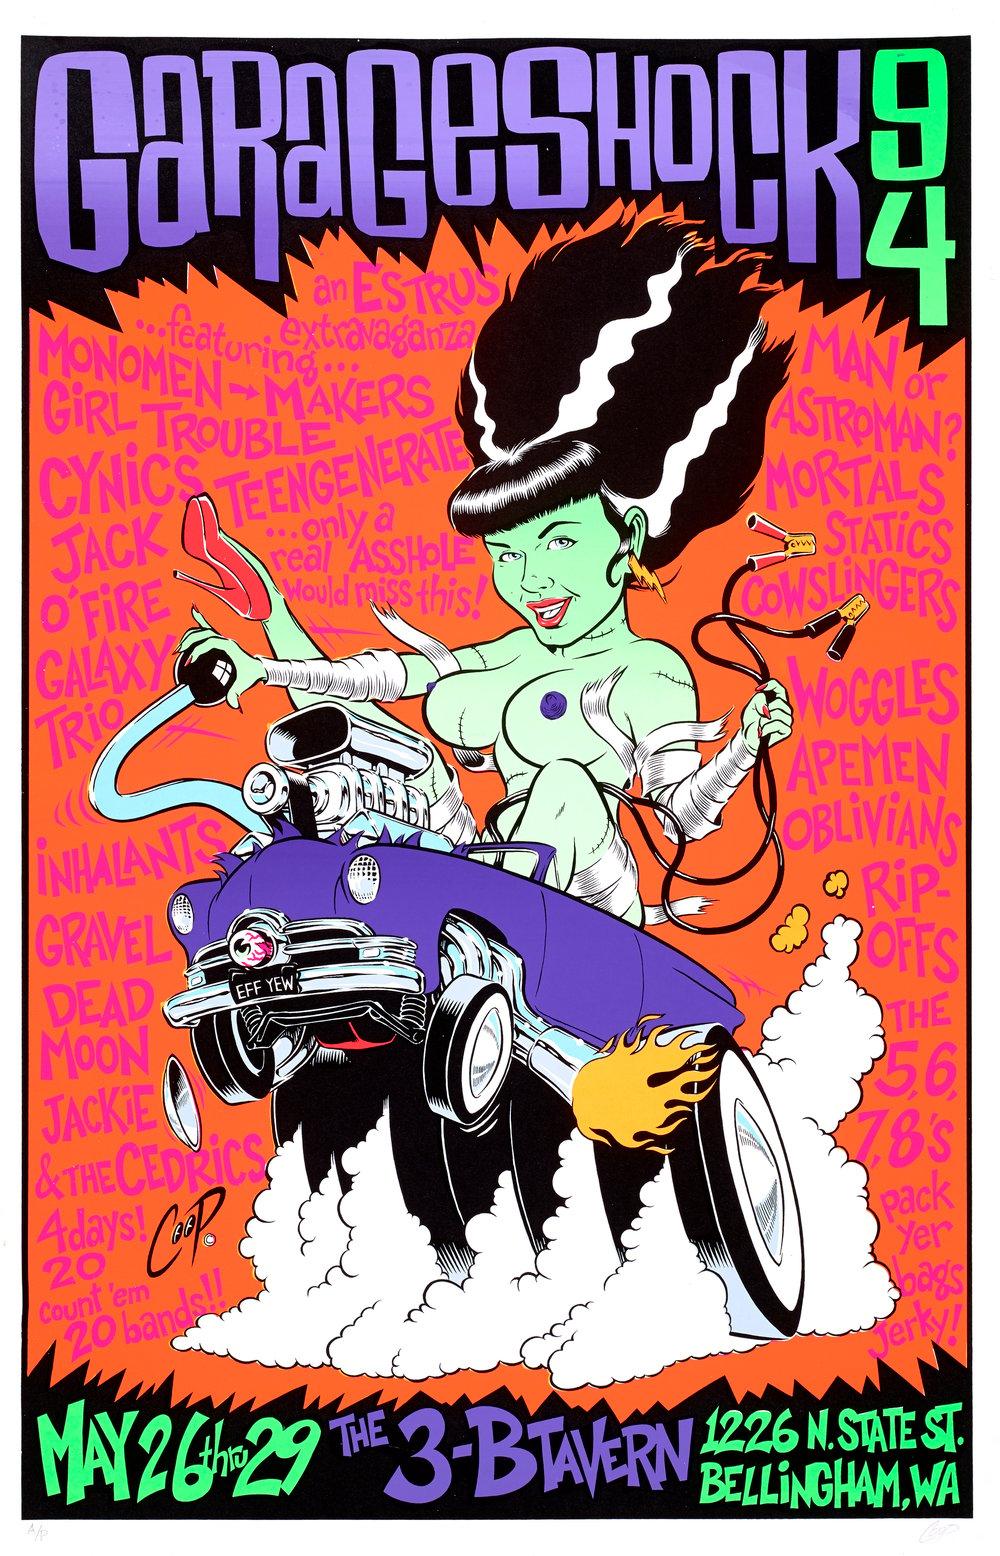 Image of GARAGESHOCK 94 vintage silkscreen print